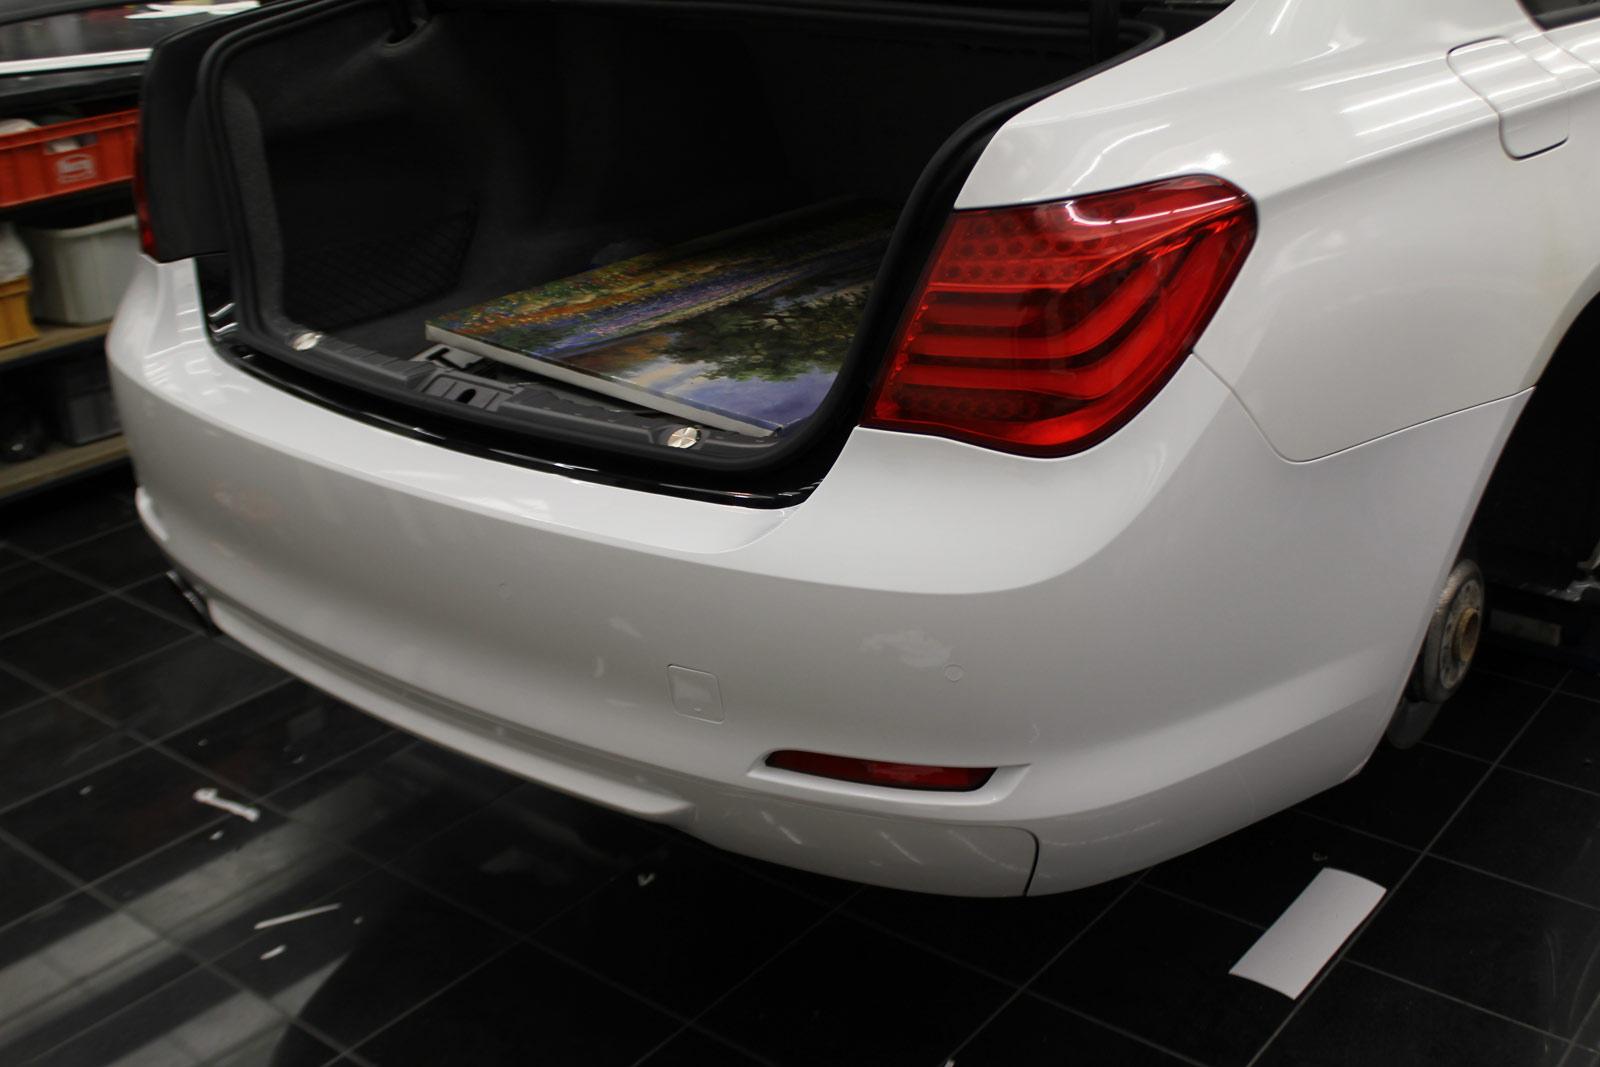 BMW_7er_WEISS_GLANZ_FELGEN_FOLIERUNG_SCHWARZ_MATT_11